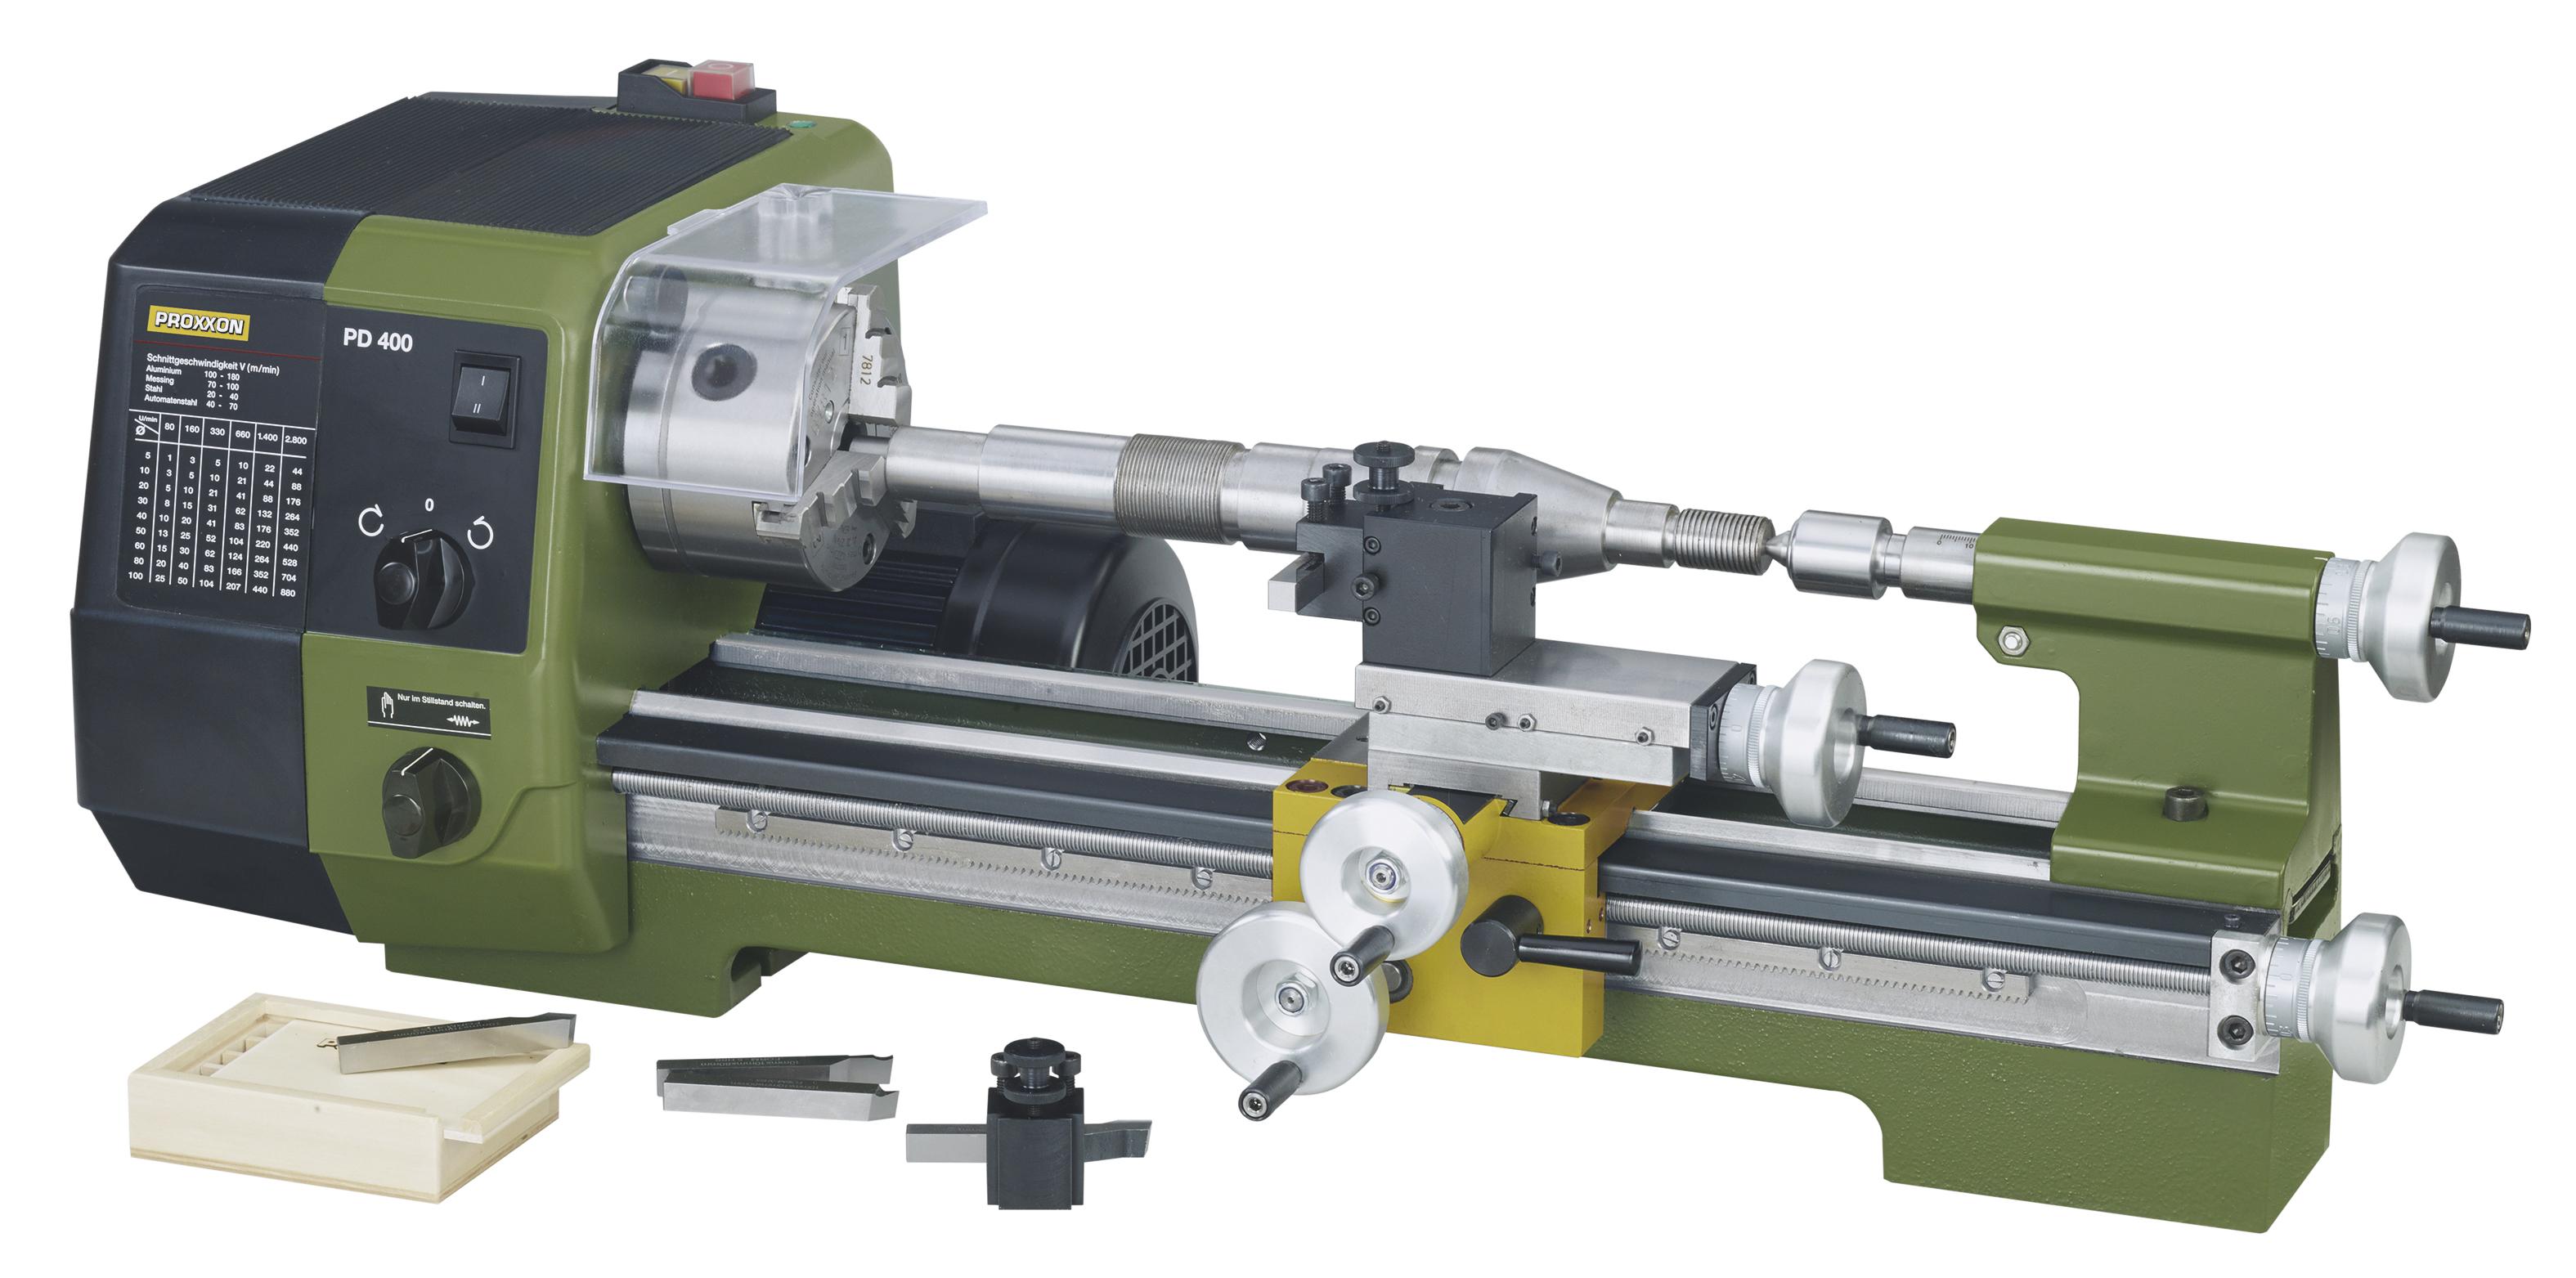 Proxxon Präzisions-Drehmaschine PD 400 24400